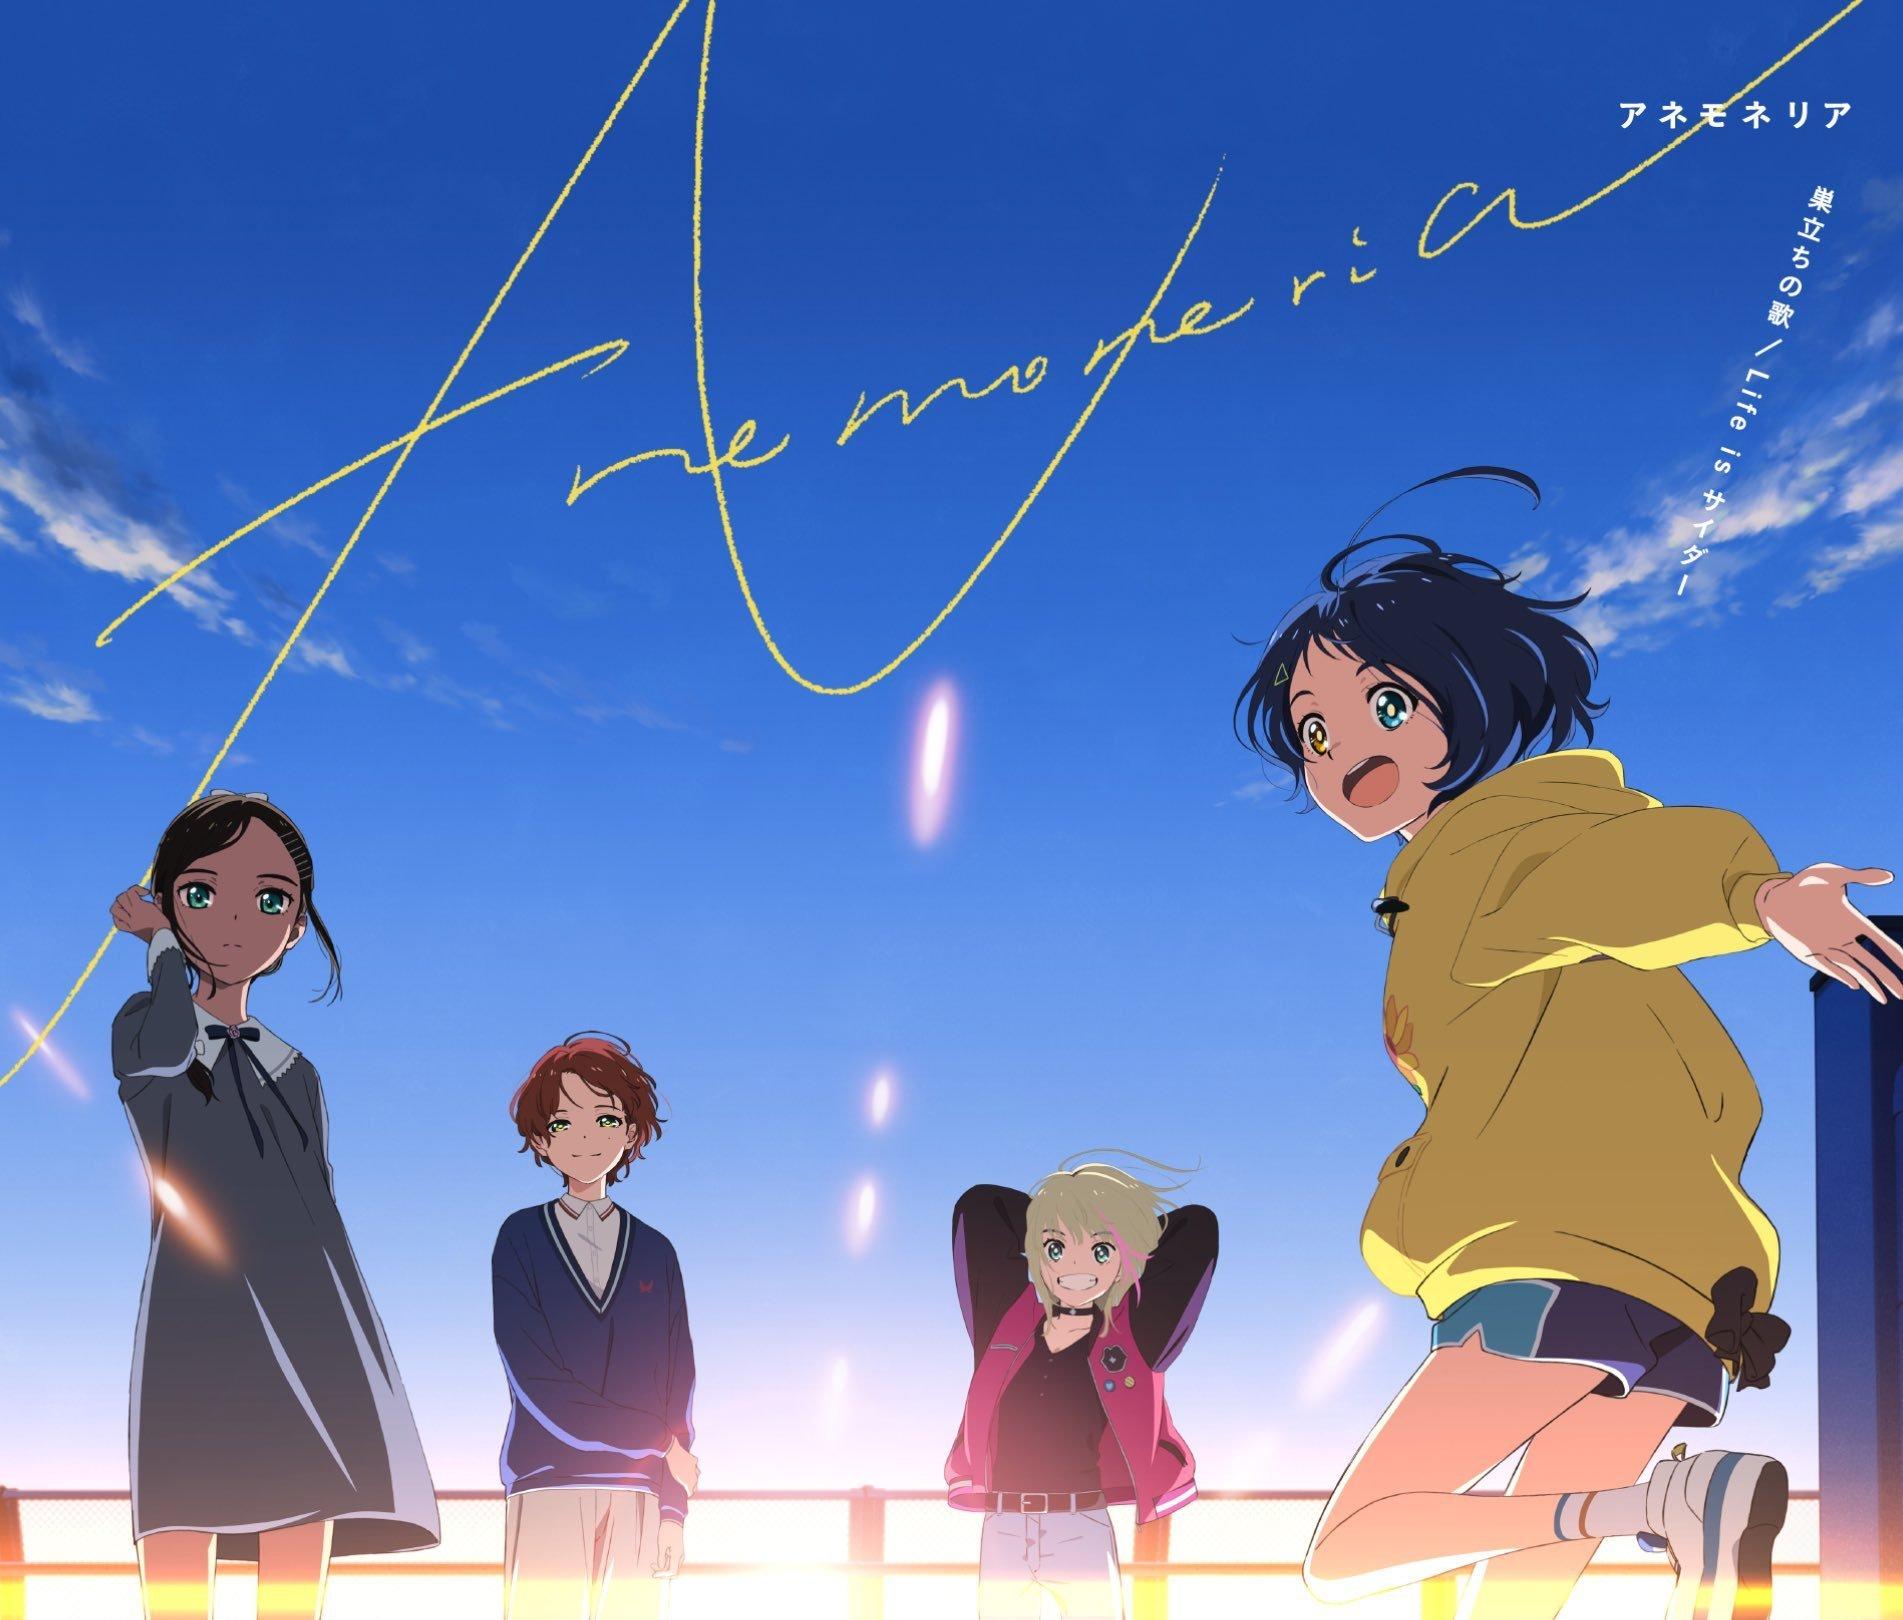 【音乐下载】《奇蛋物语》专辑[96.0khz/24bit]-Anime漫趣社